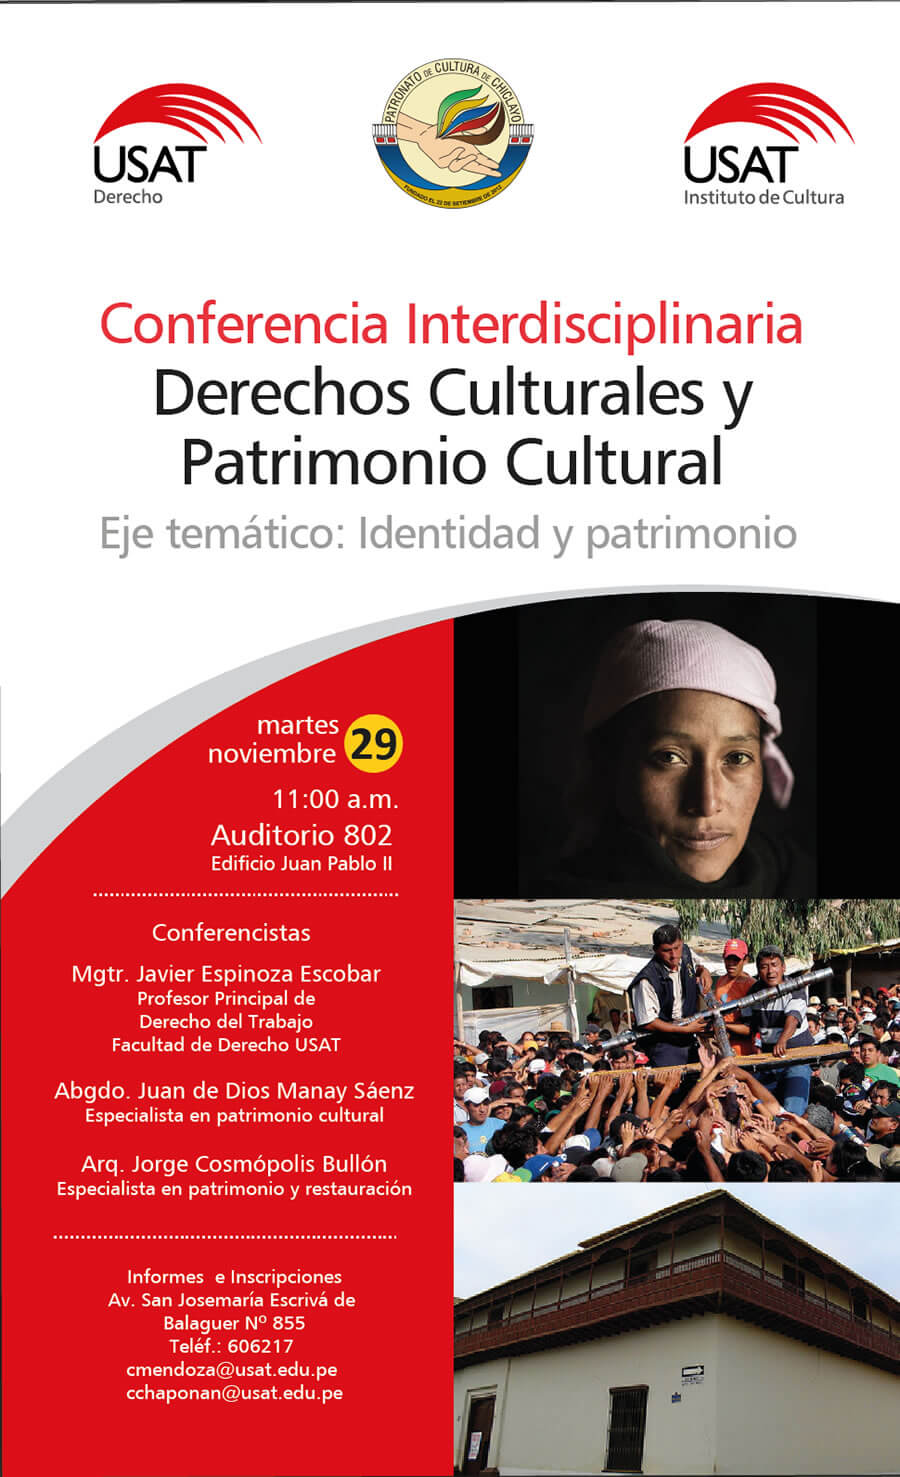 Conferencia Interdisciplinaria. Derechos Culturales y Patrimonio Cultural